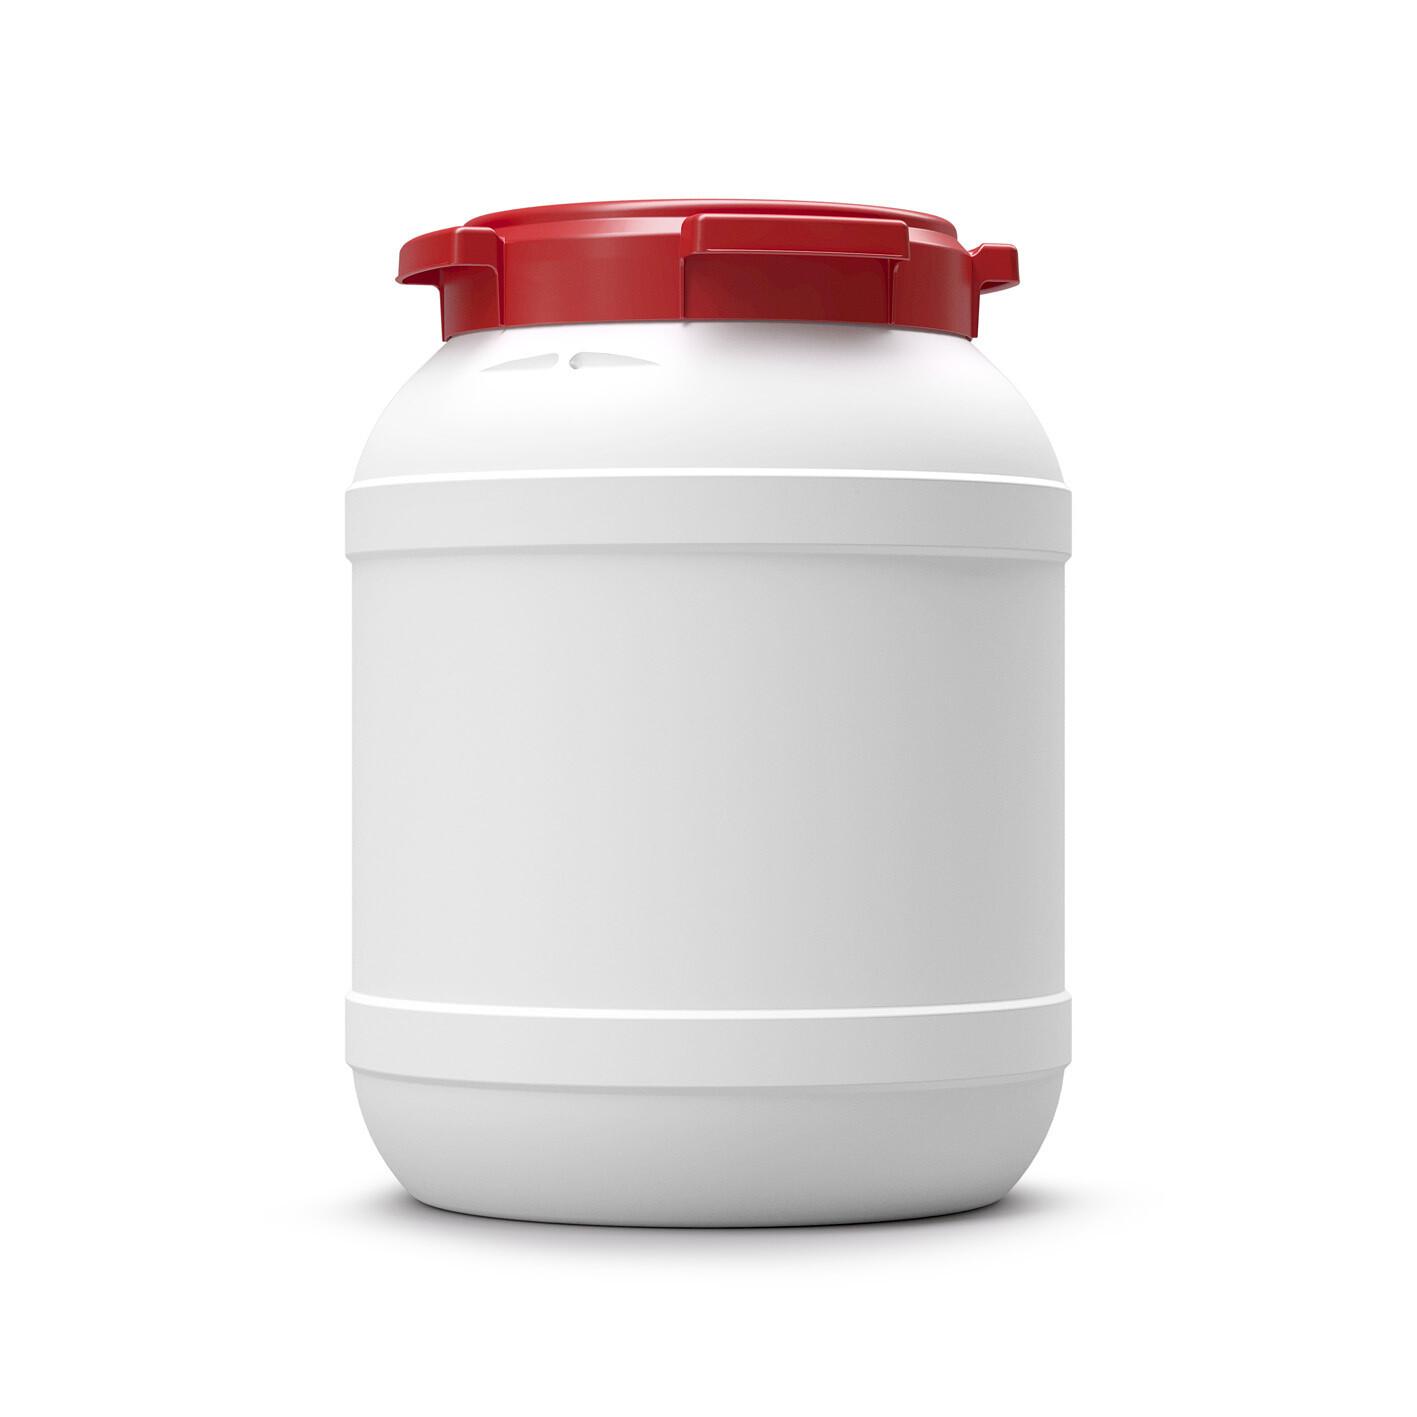 Curtec Weithalsfass 26 Liter